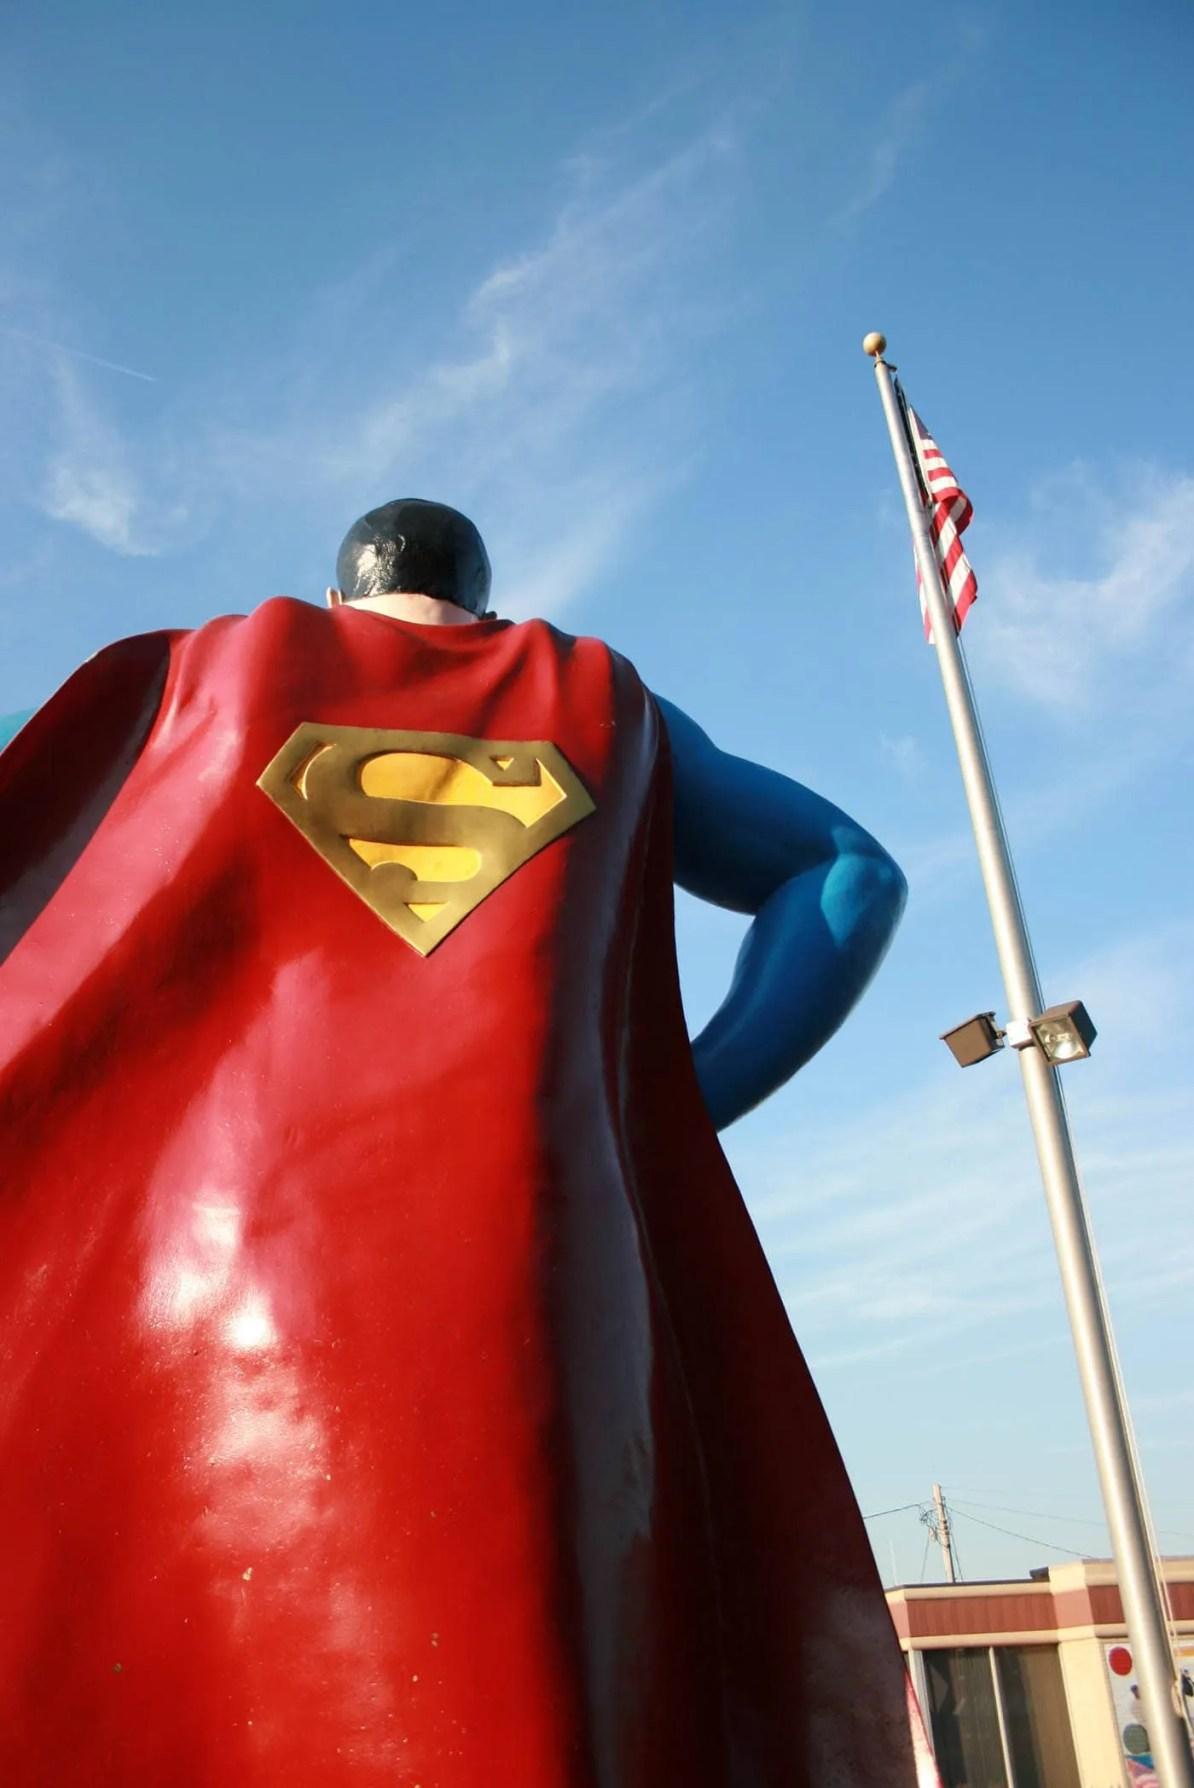 Giant Superman Statue in Metropolis, Illinois